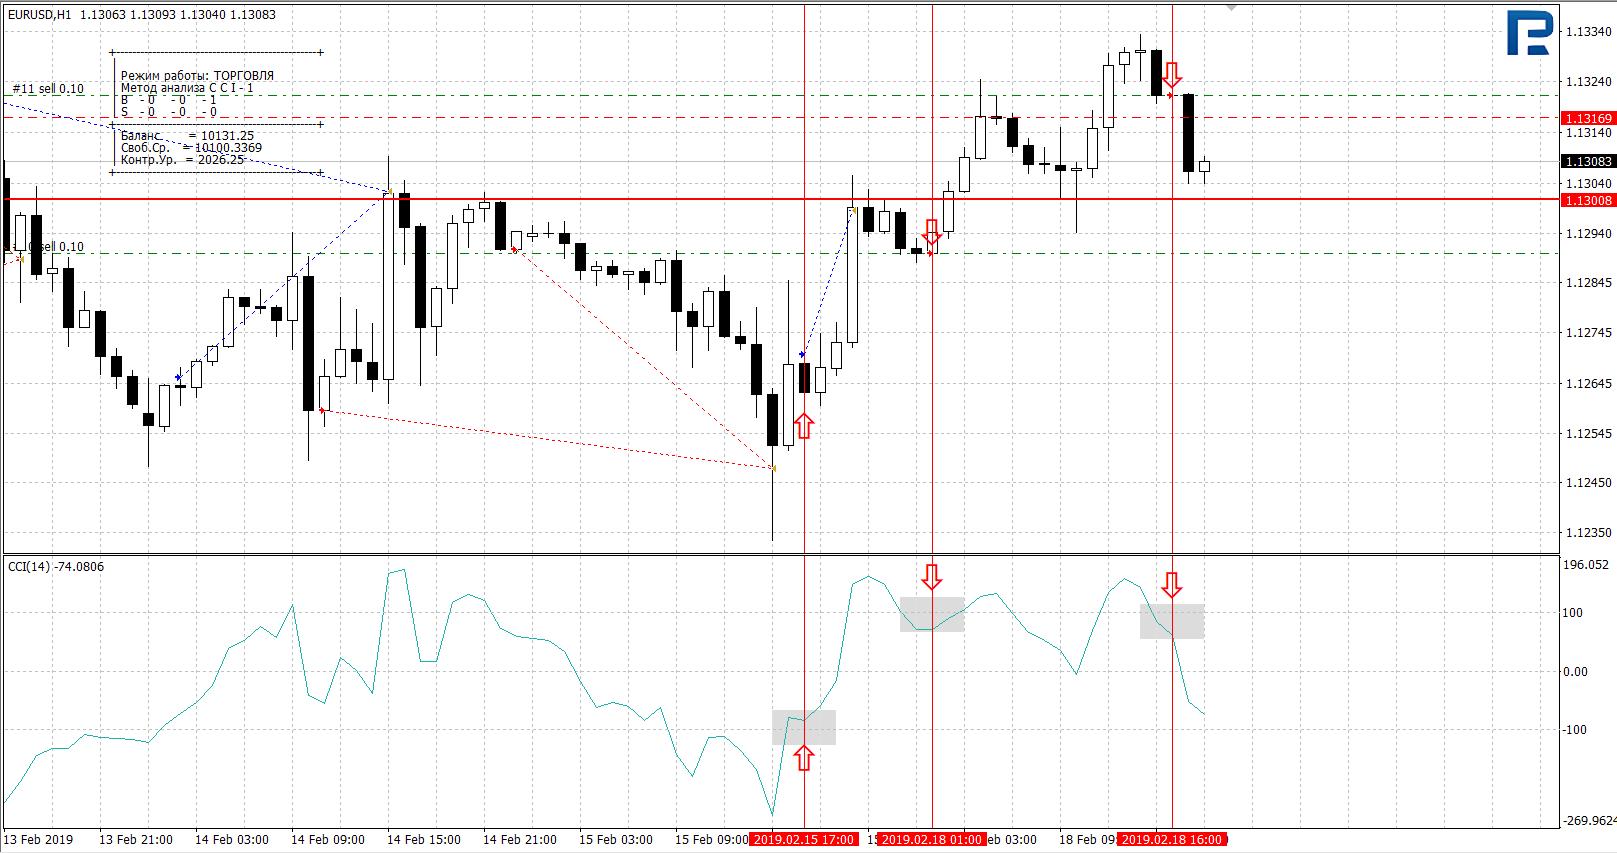 indikators binārajās opcijās par bināro opciju tirdzniecības pārskatiem